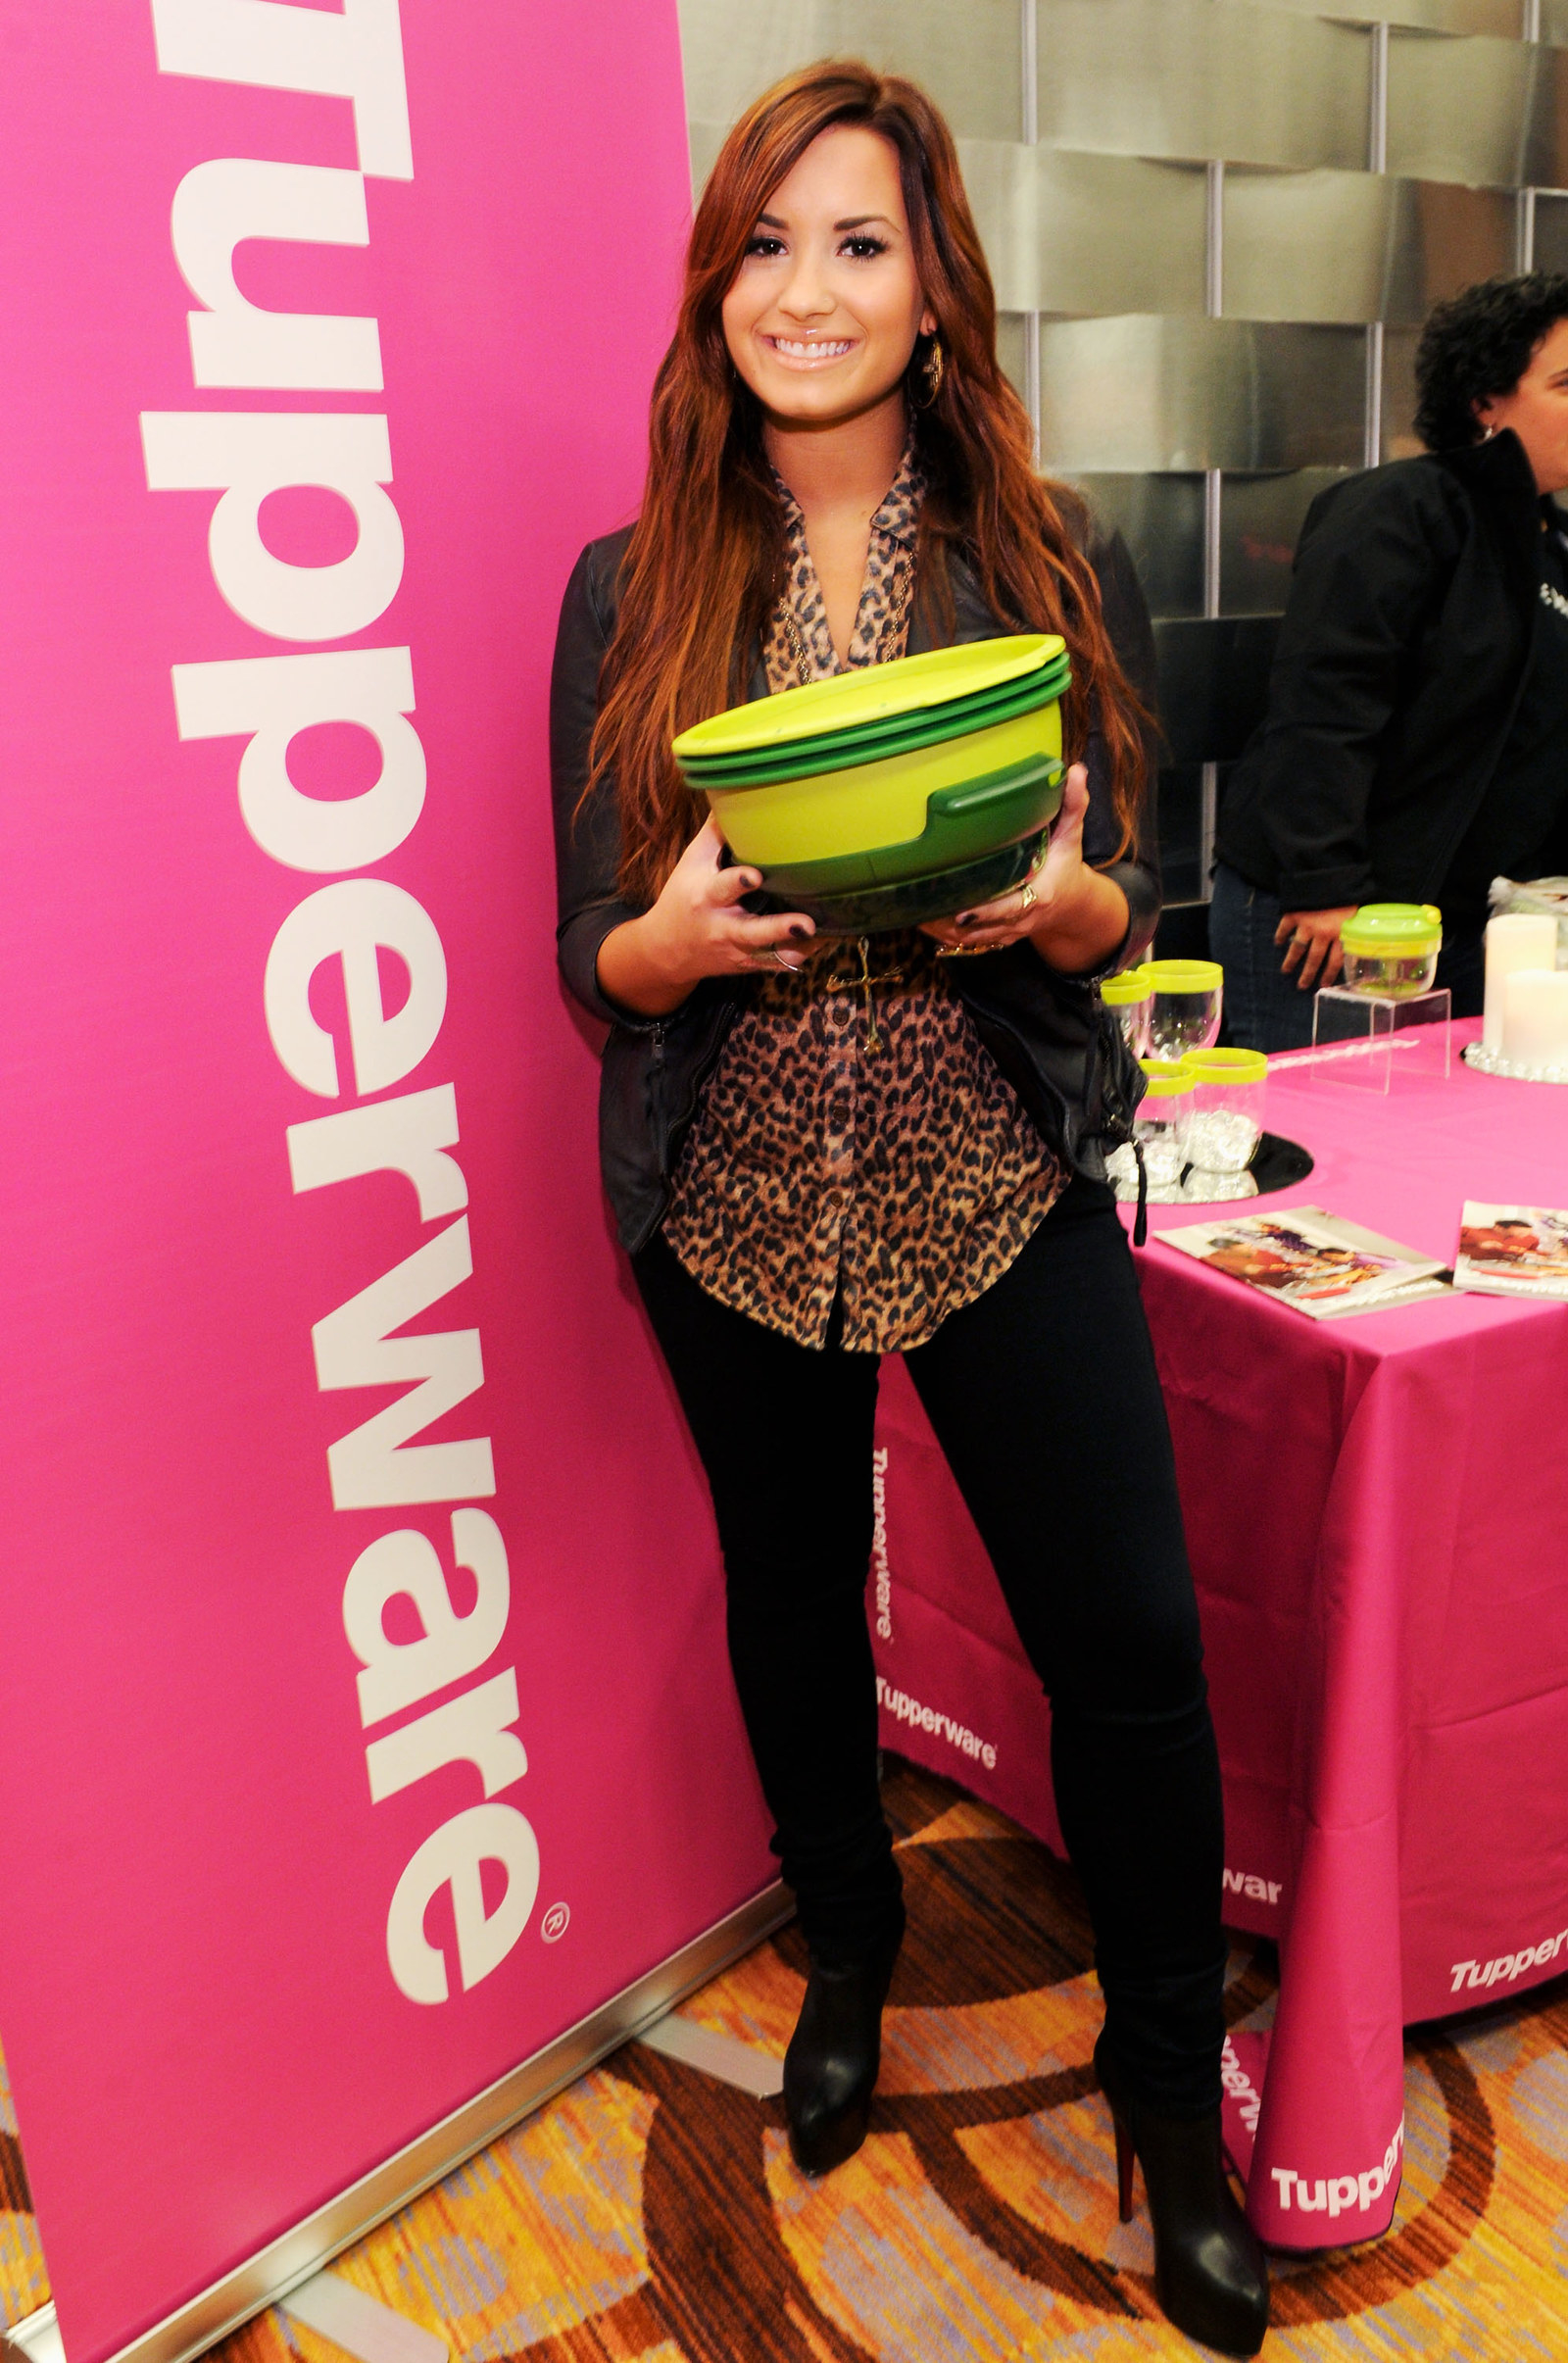 Demi Lovato and a Tupperware bowl.